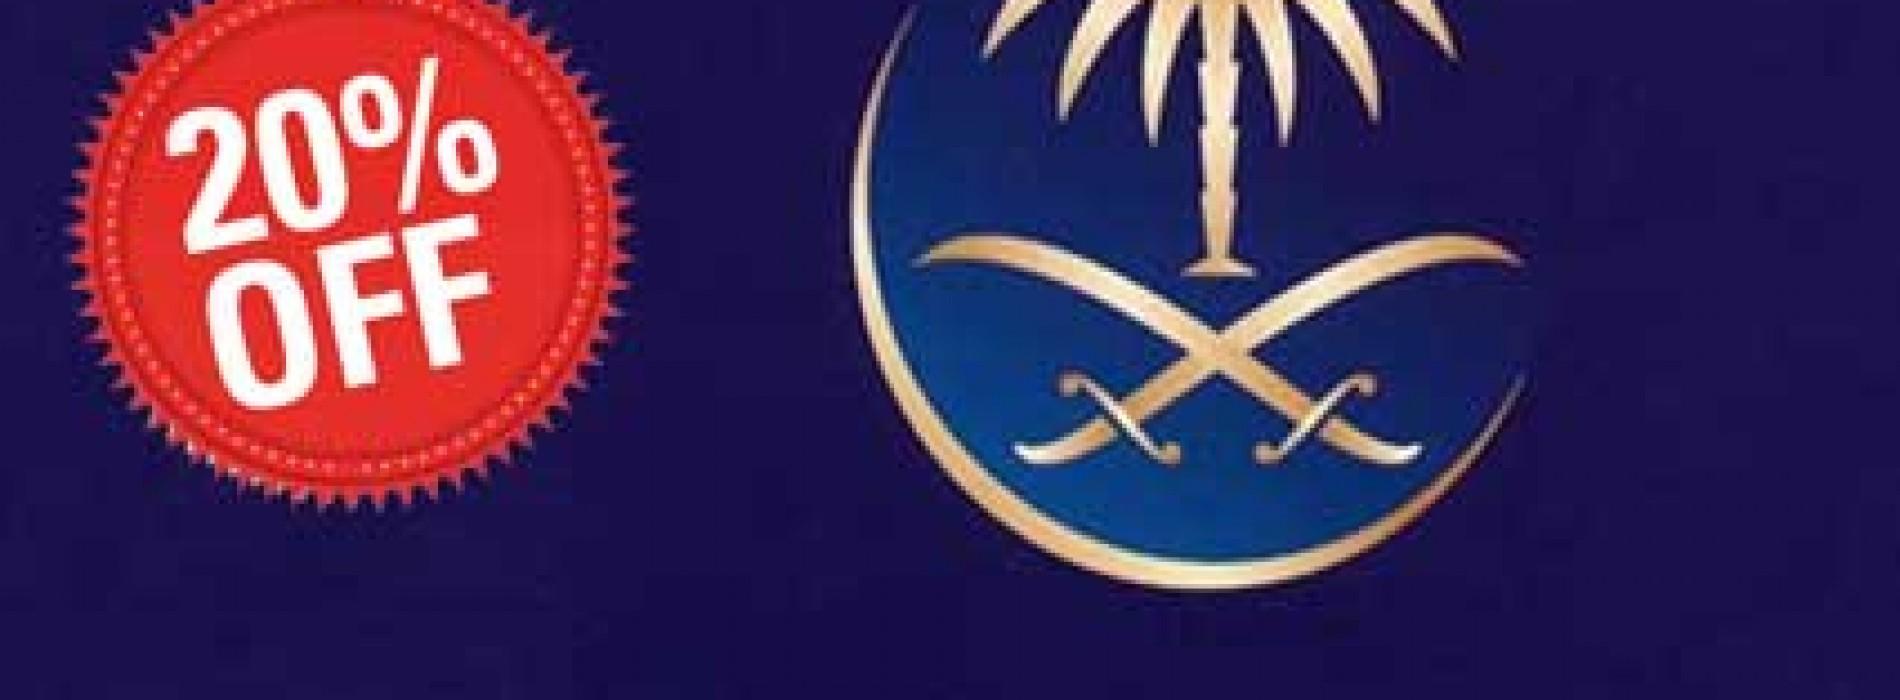 كود خصم 20% الخطوط السعودية